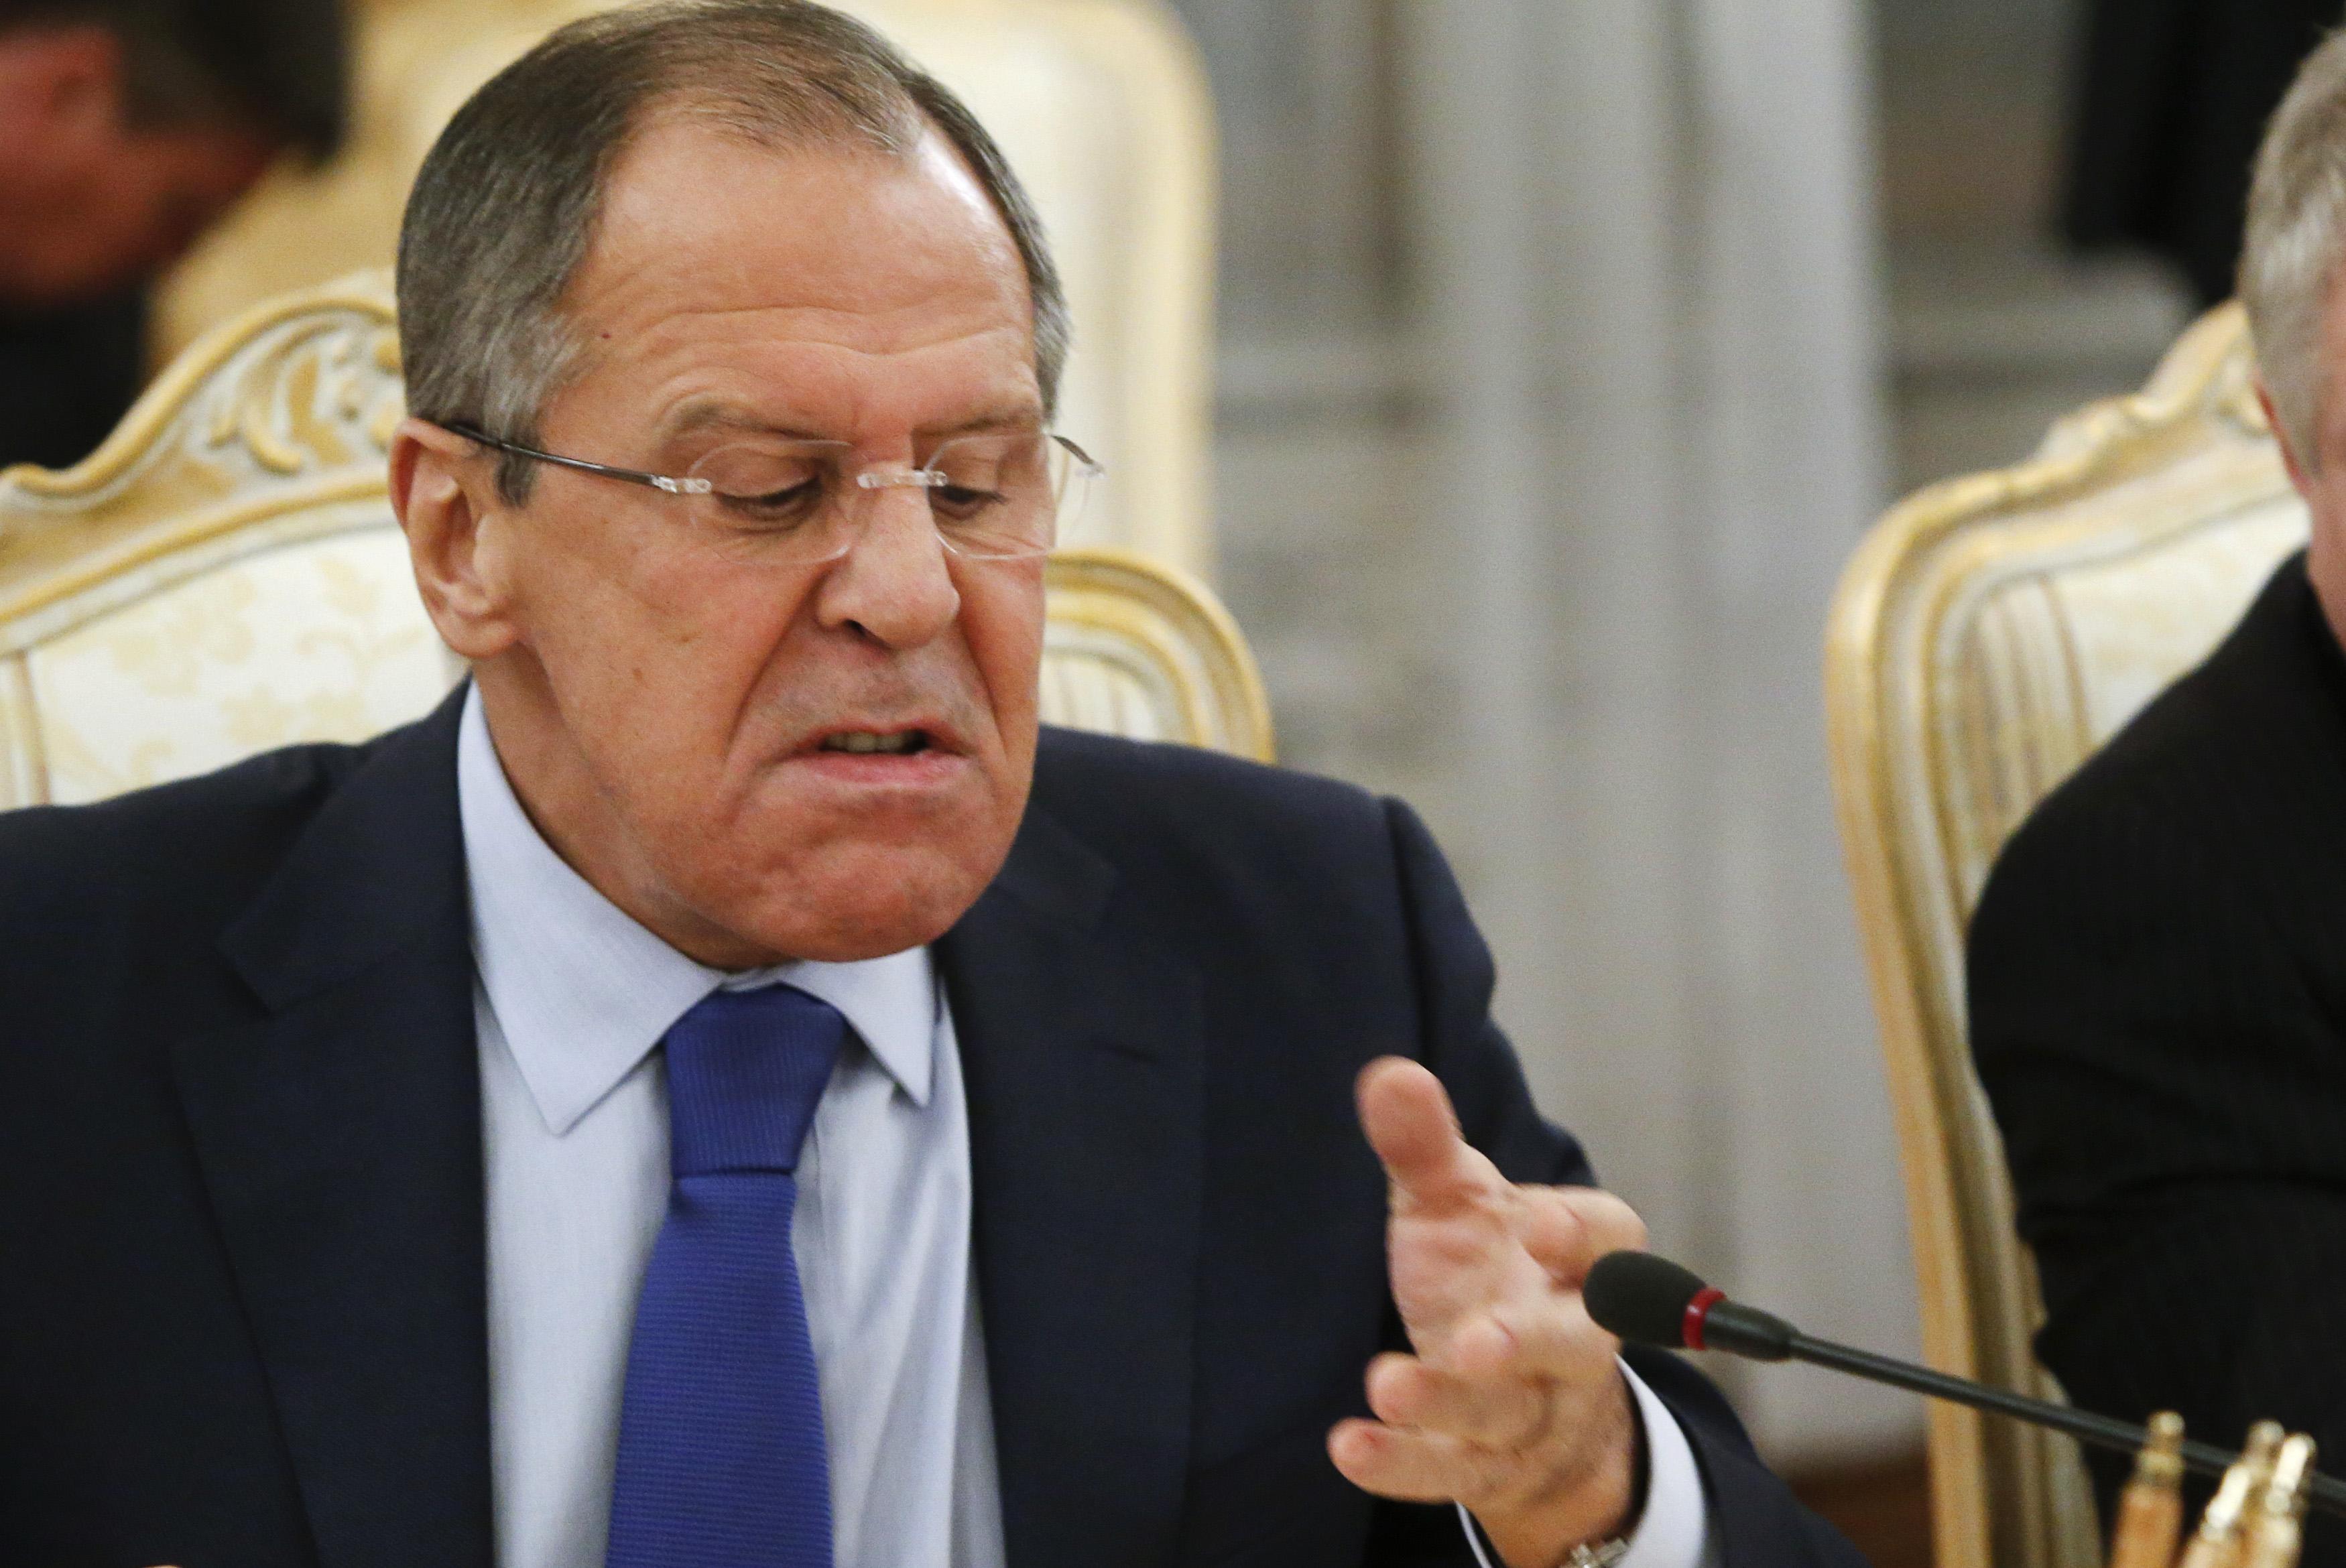 У Лаврова обвинили Порошенко в «гибридном присвоении истории»